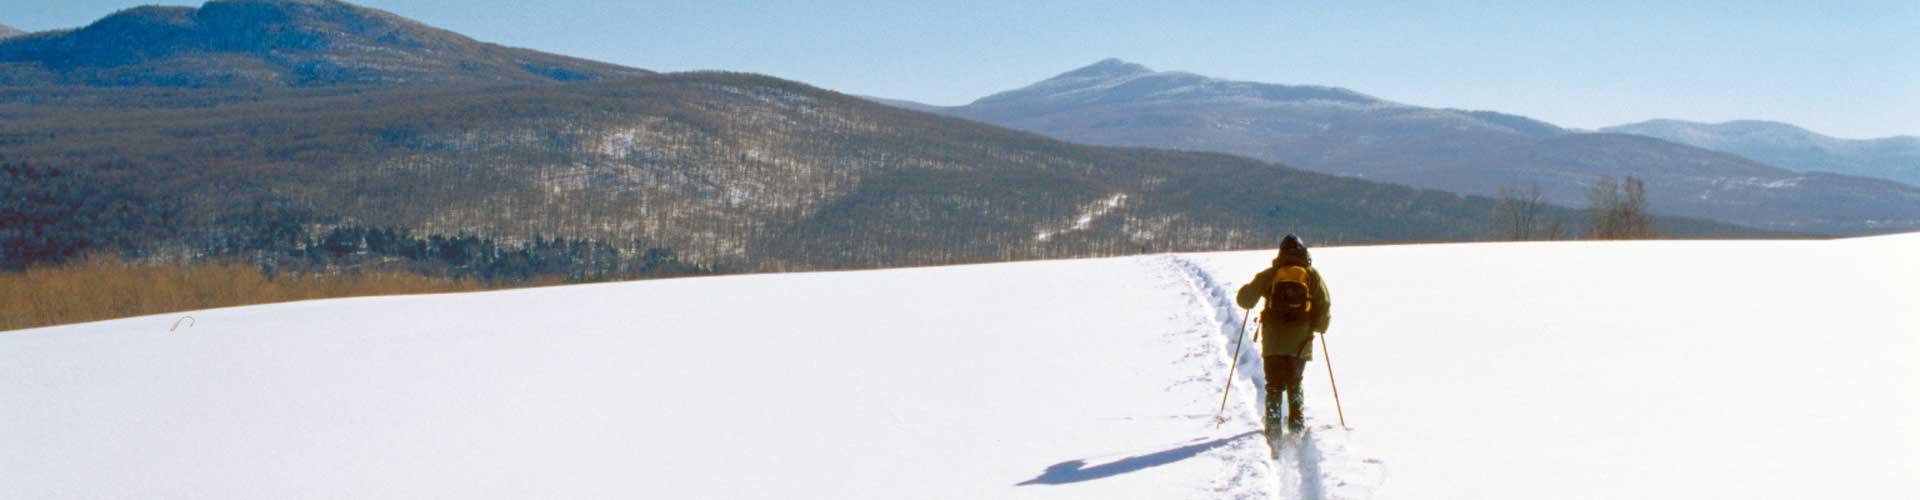 Tourisme Sutton : Le ski de fond à Sutton